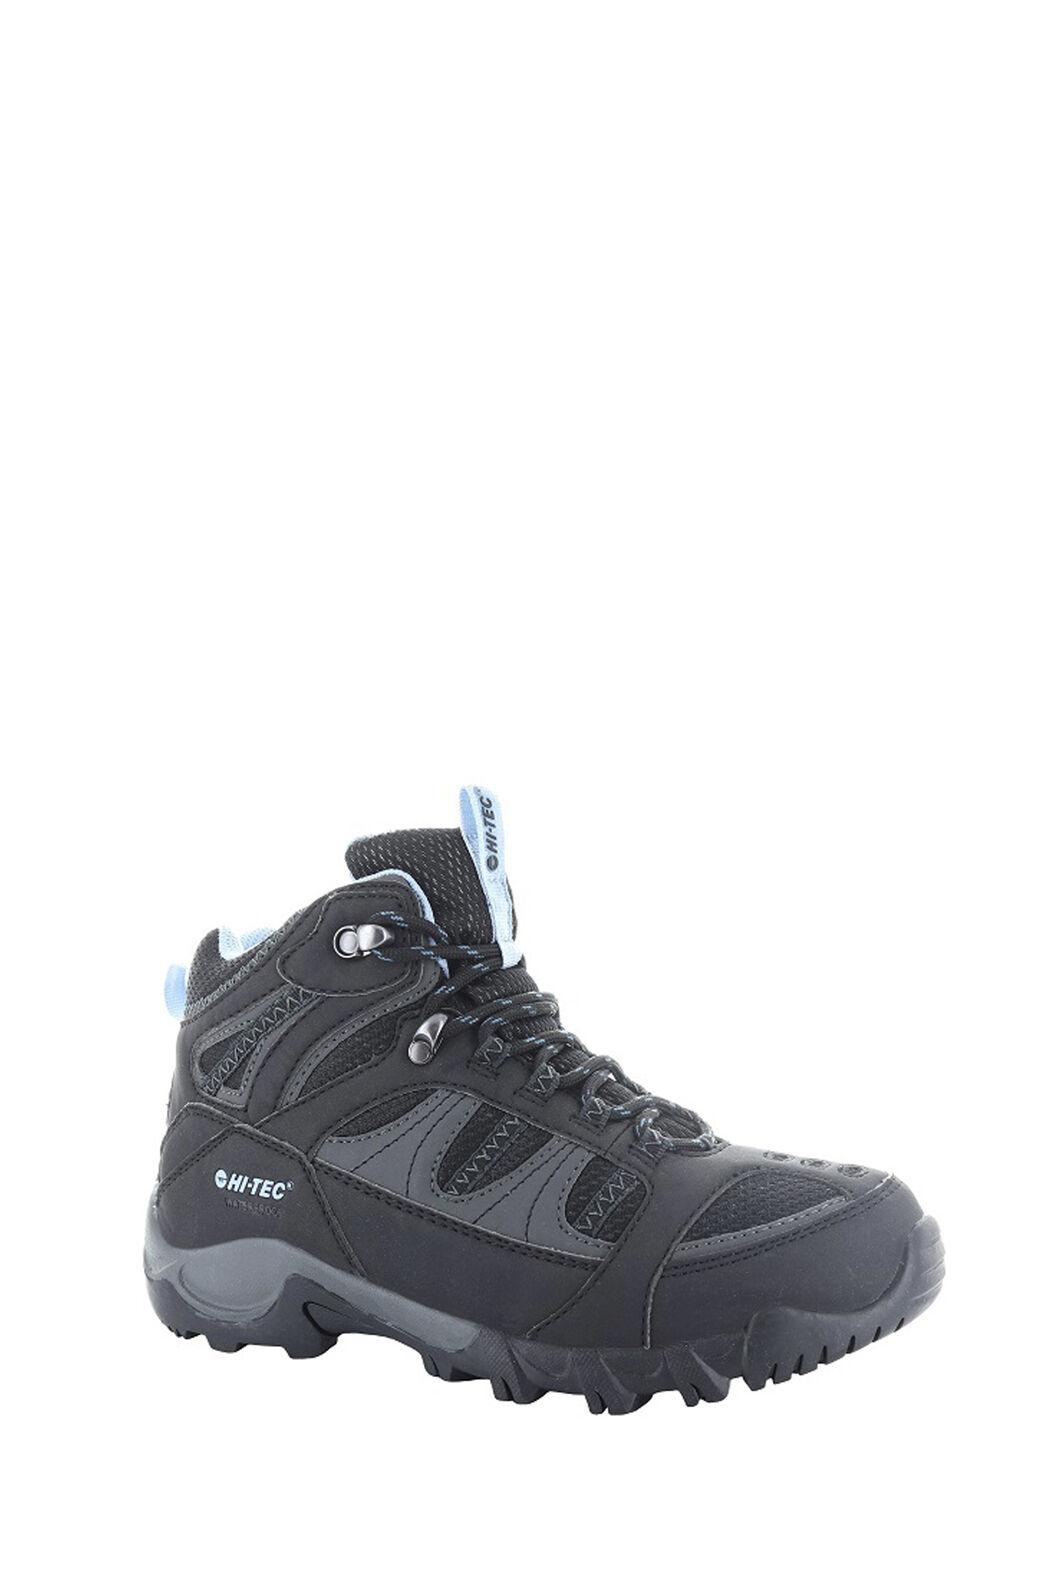 Hi-Tec Bryce II Mid WP Boots — Women's, Black/Charcoal/Forget Me Not, hi-res